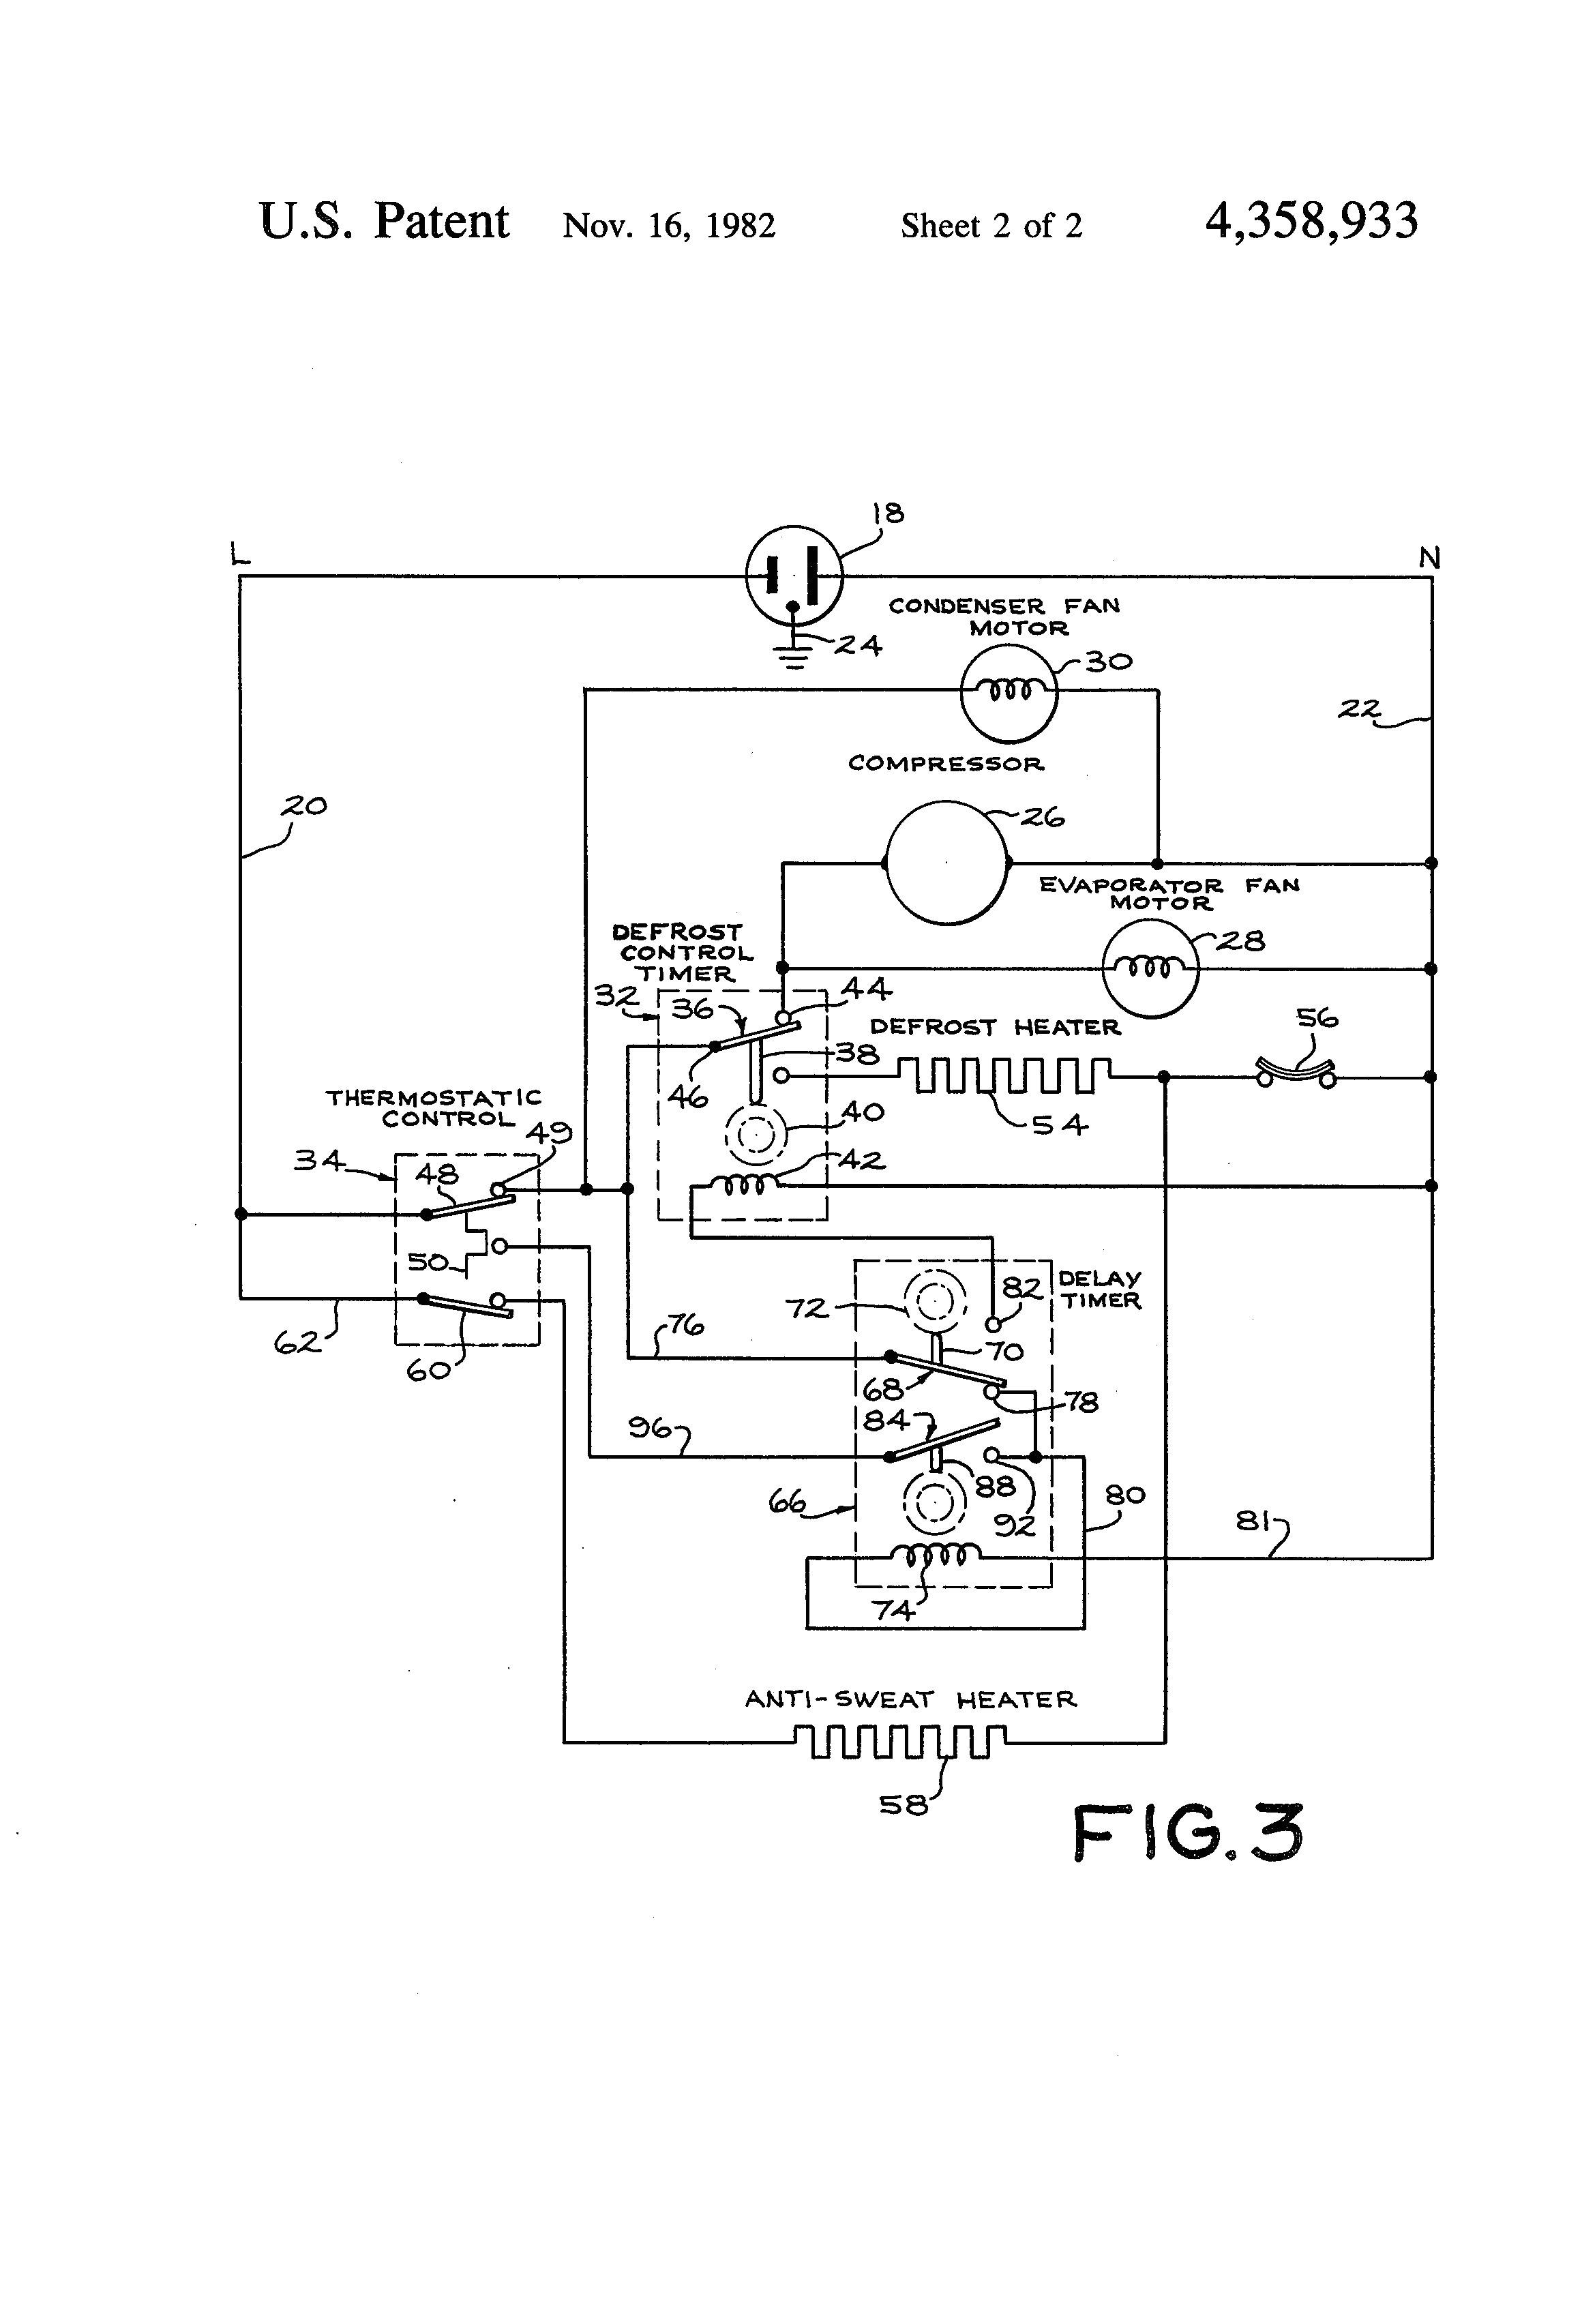 walk in cooler diagram blog wiring diagram wiring diagram for a walk in cooler freezer free download wiring